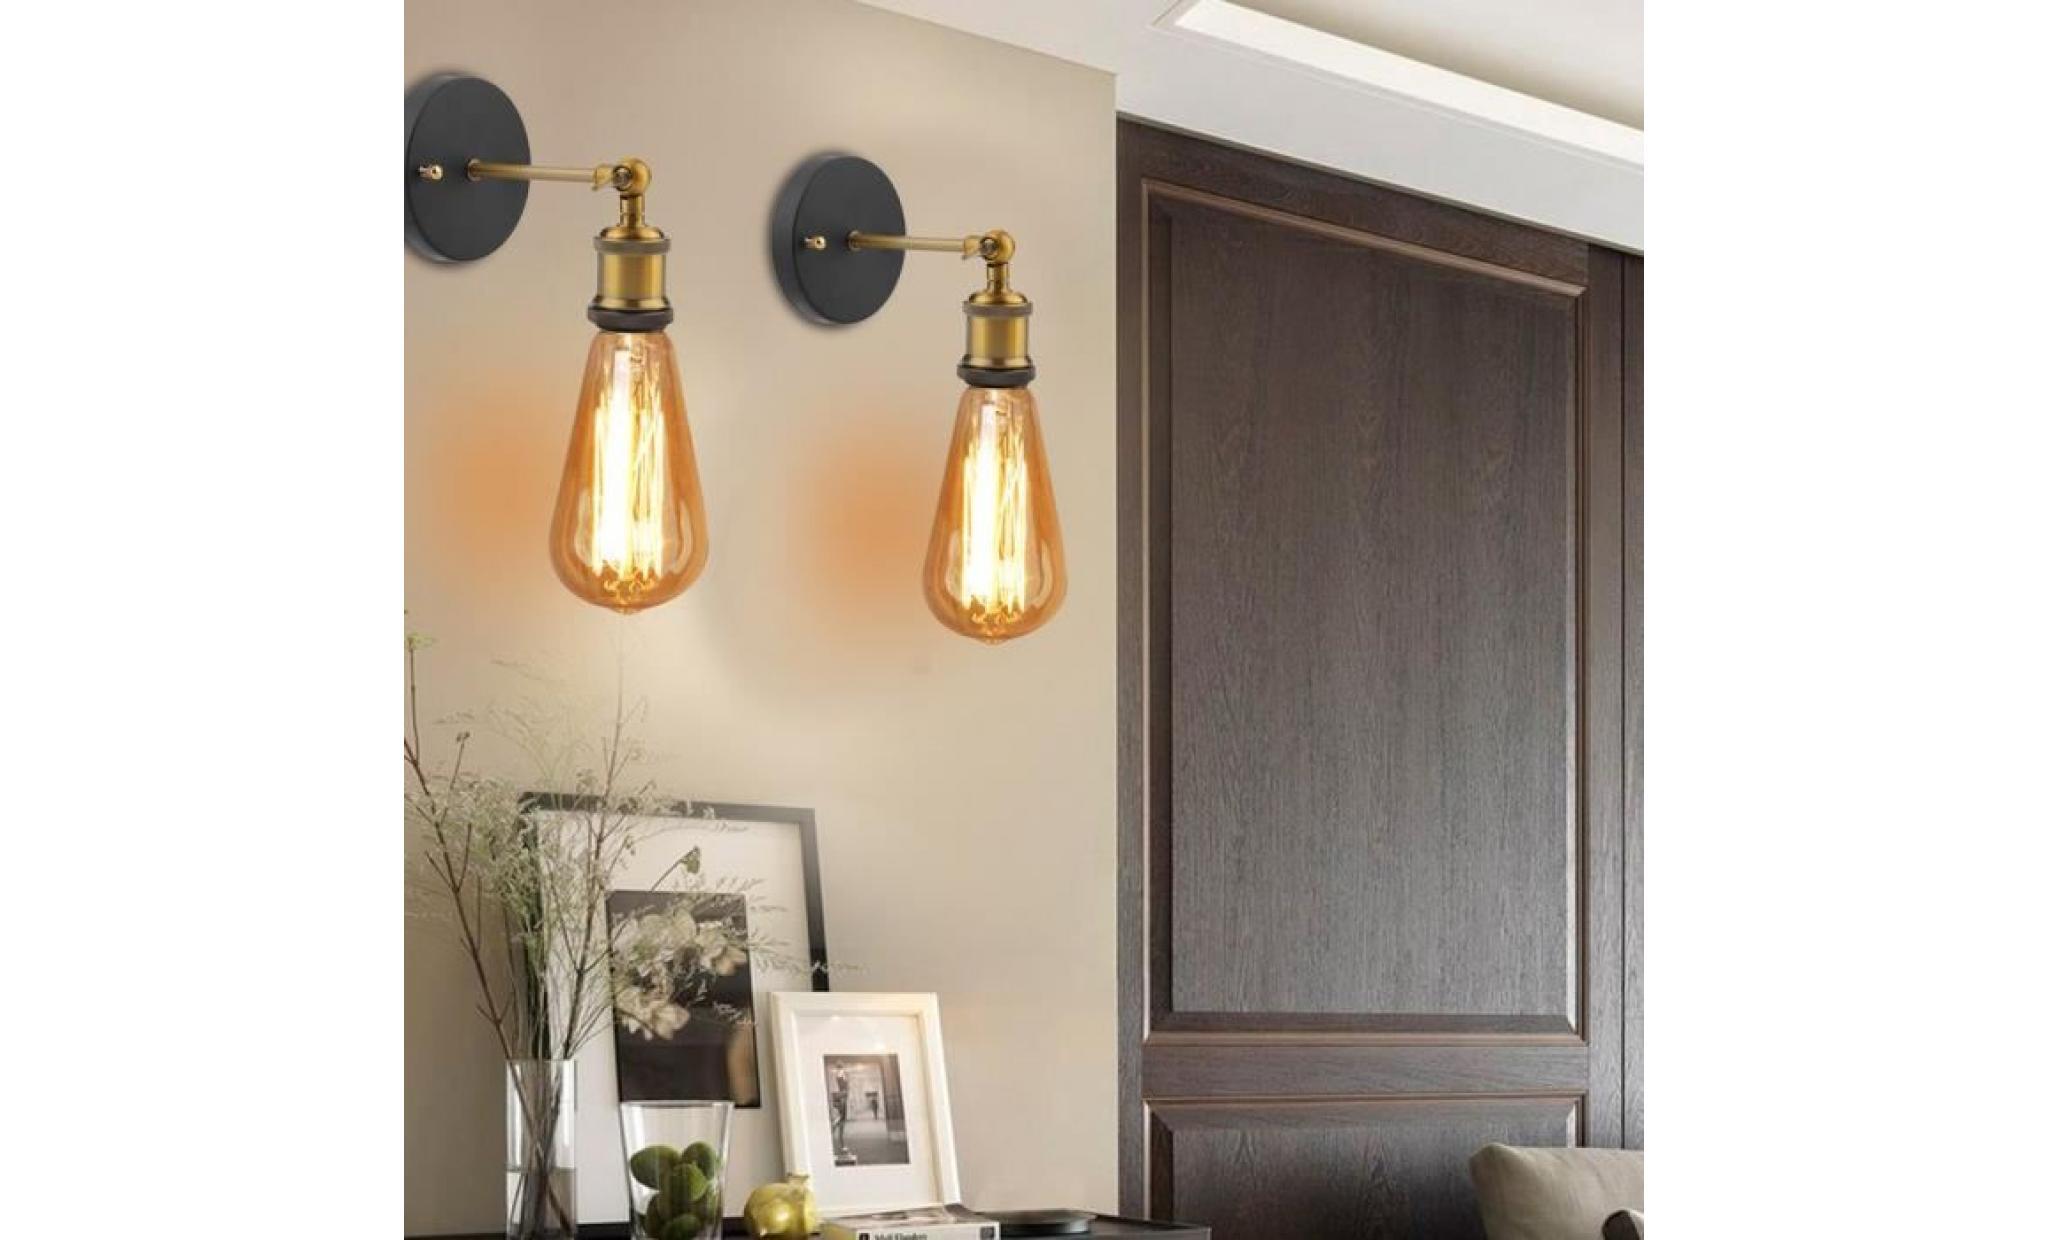 2pcs applique porte lampe design industriel classique les ampoules